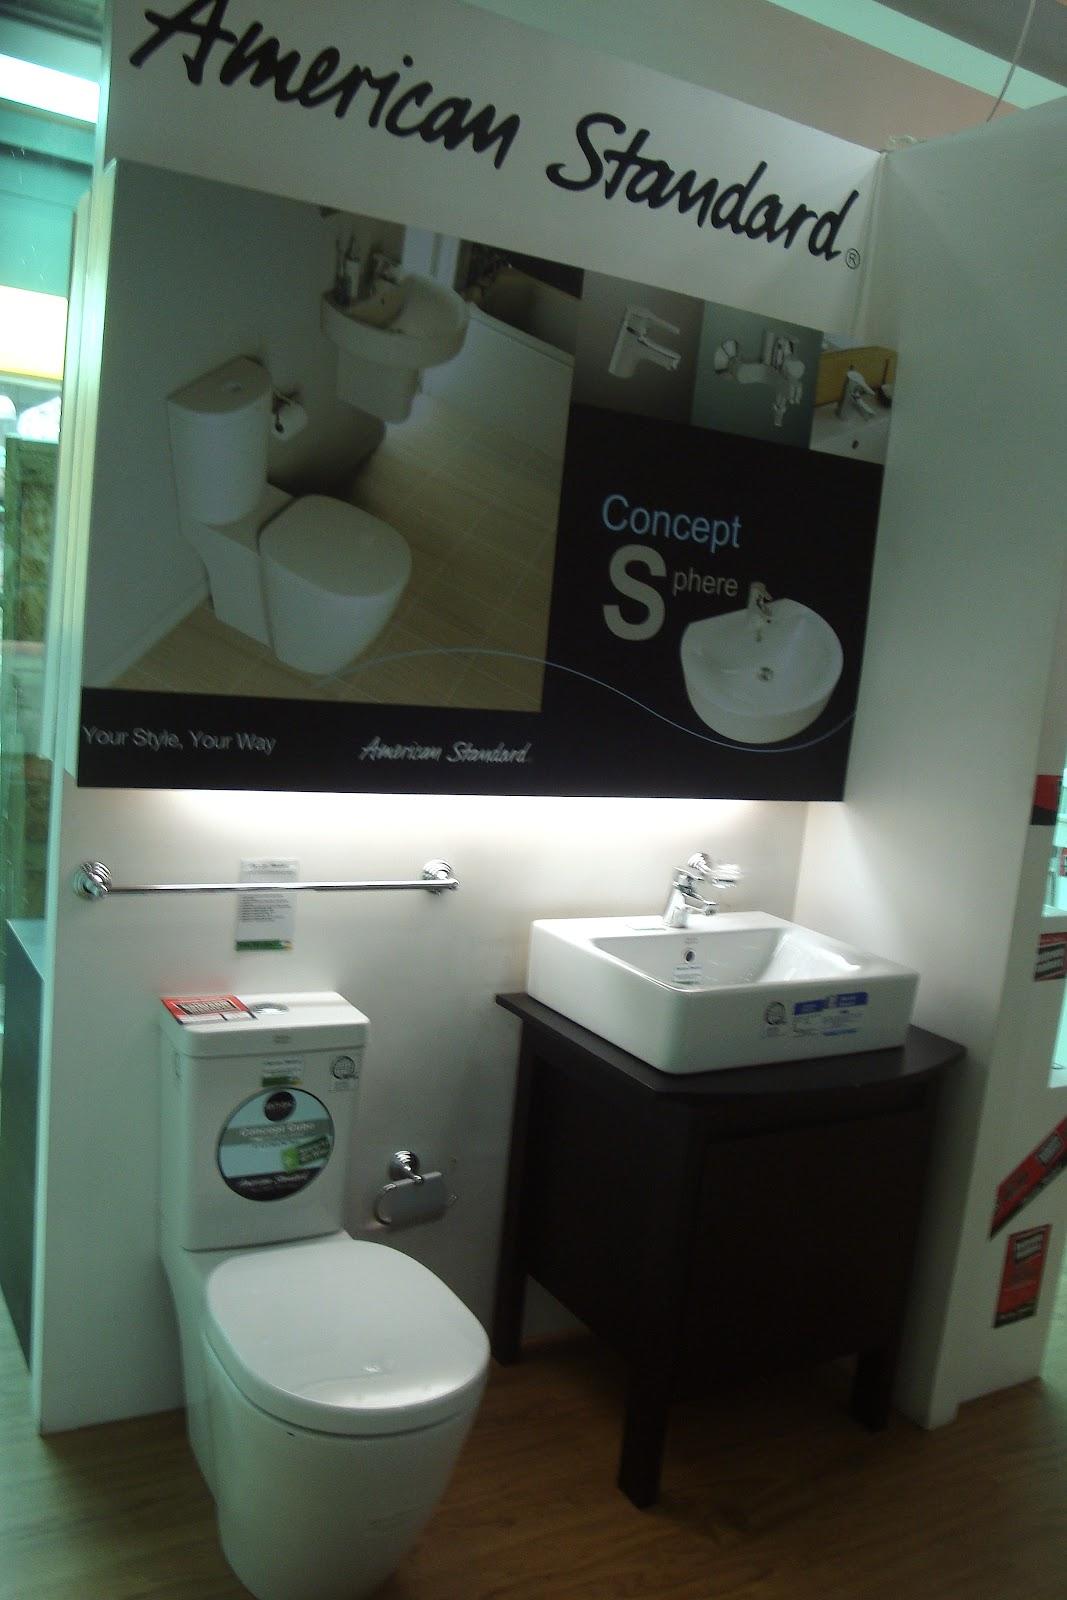 Original Bathroom Fixtures For Sale In Philippines  Bathroom Equipment Deals